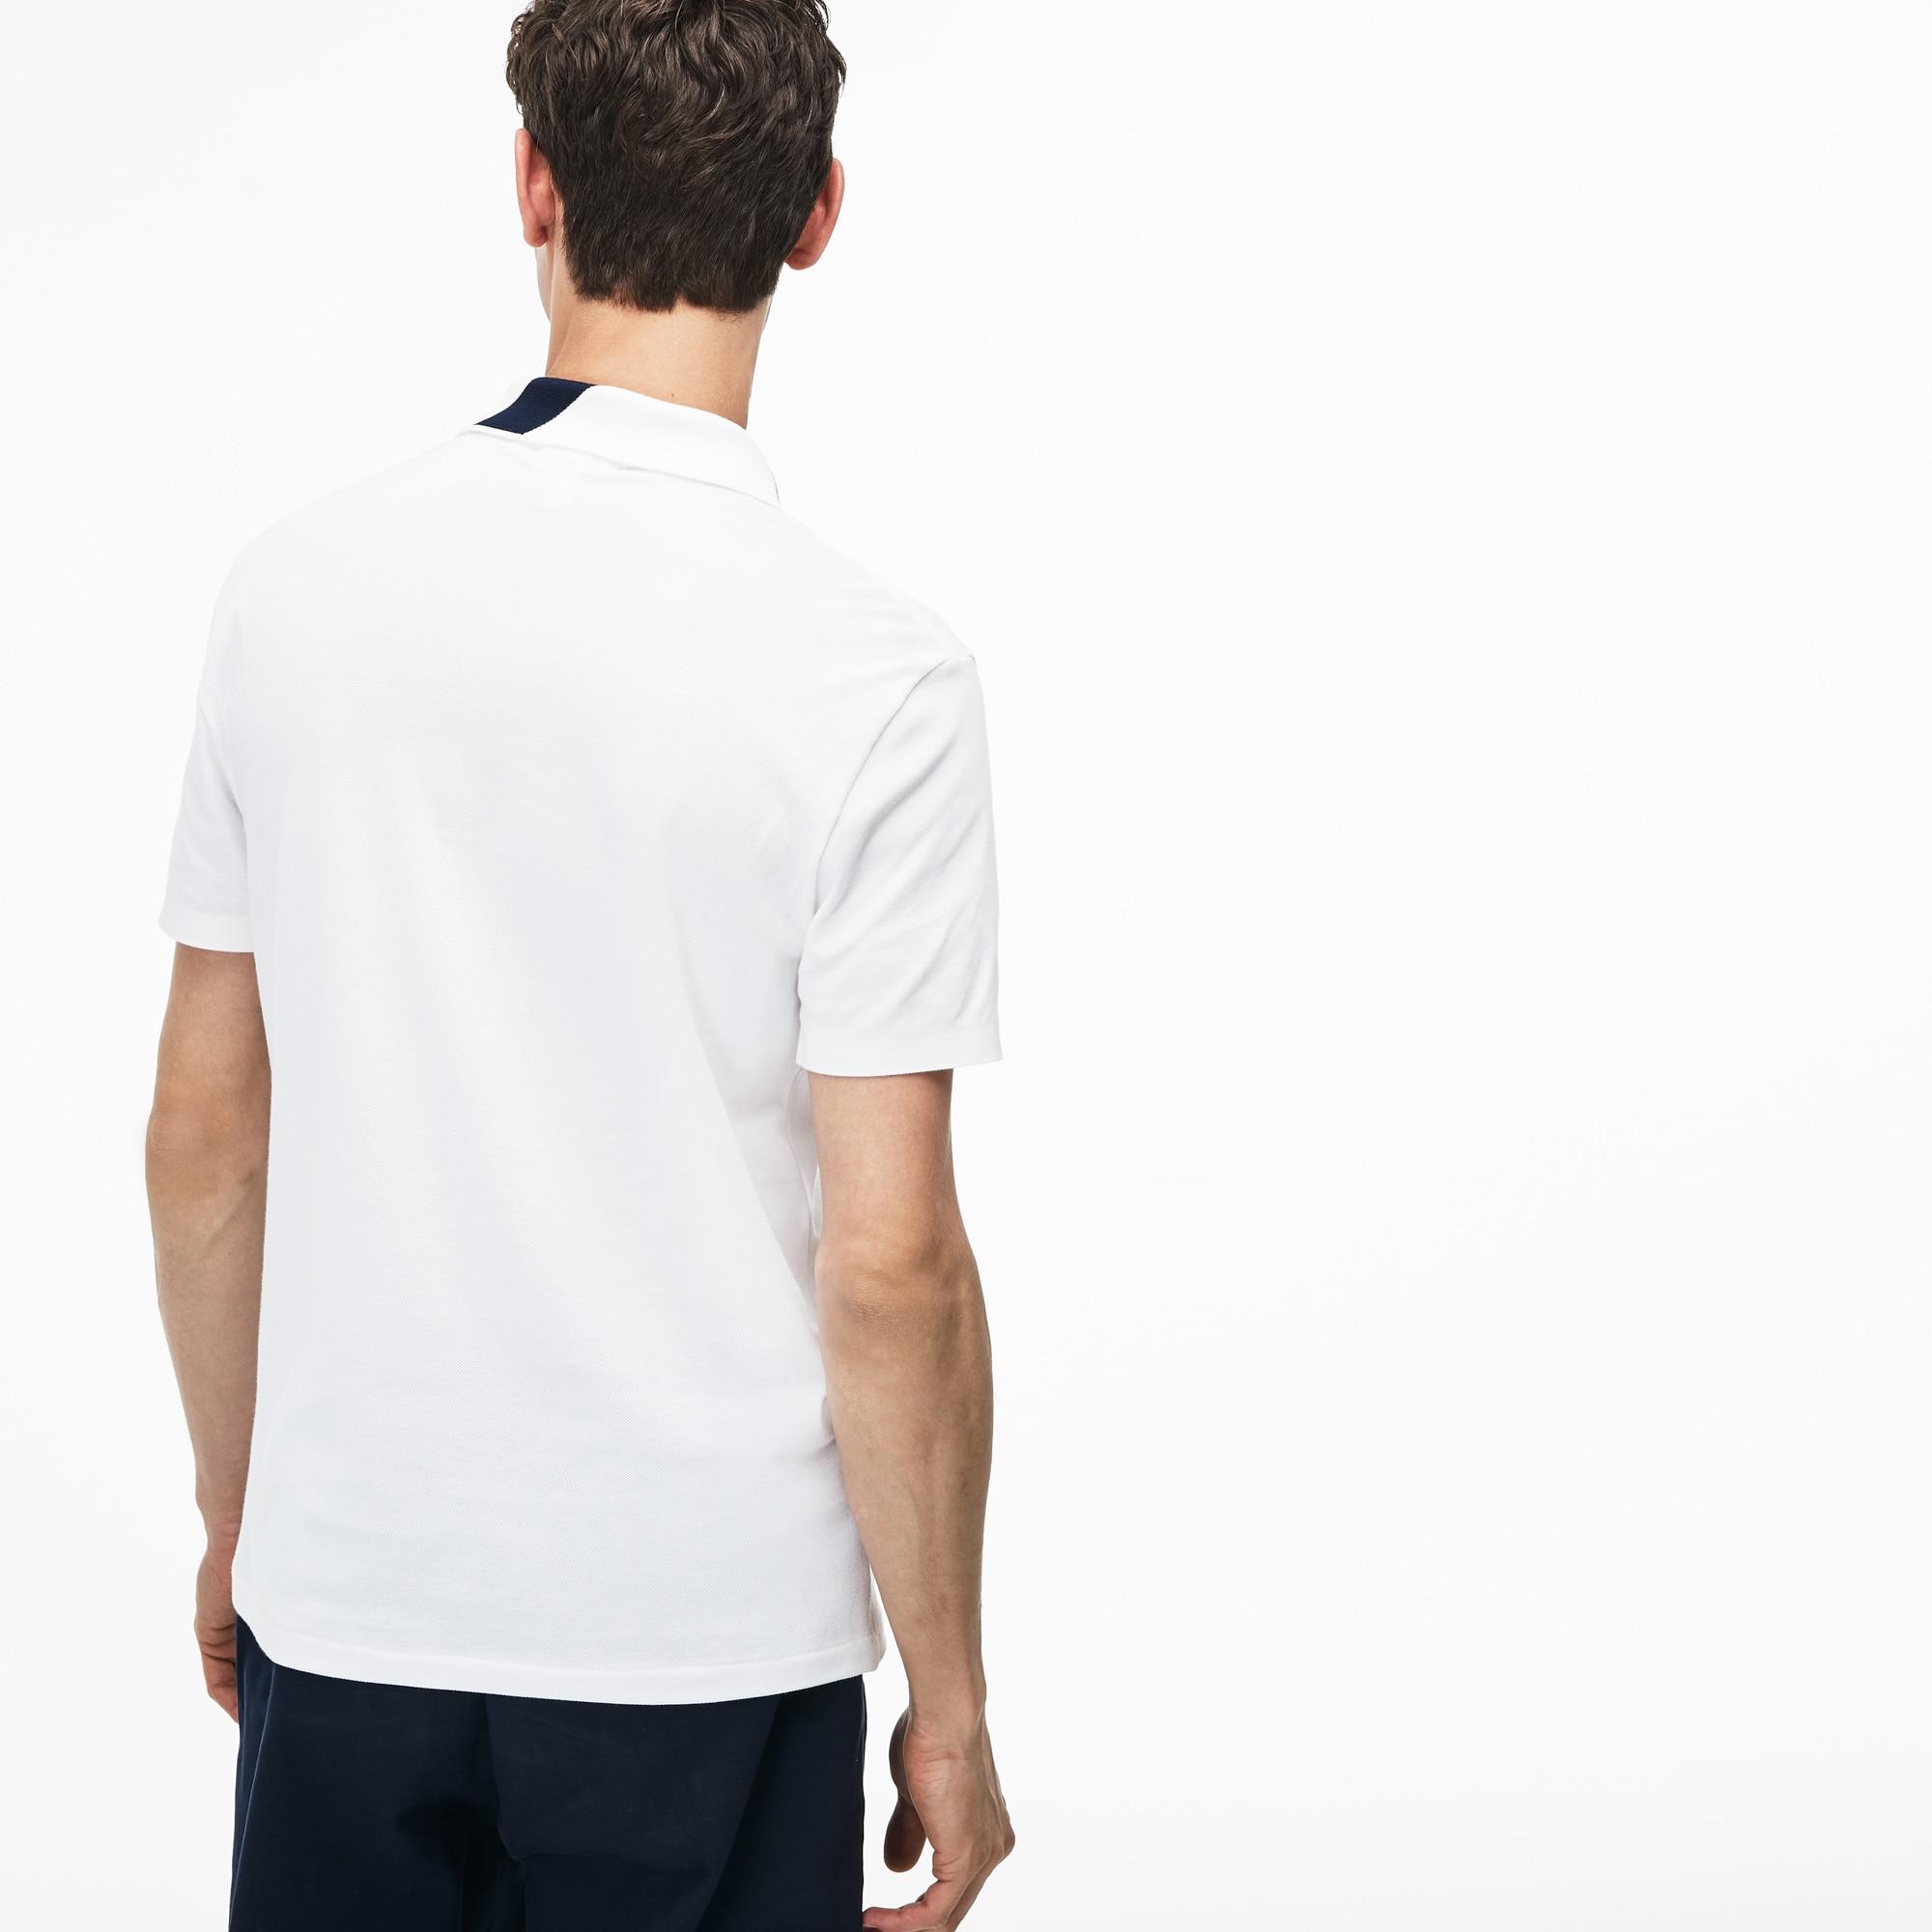 Lacoste - Polo De Hombre Lacoste Slim Fit En Mini Piqué Elástico Con Inscripción - 2